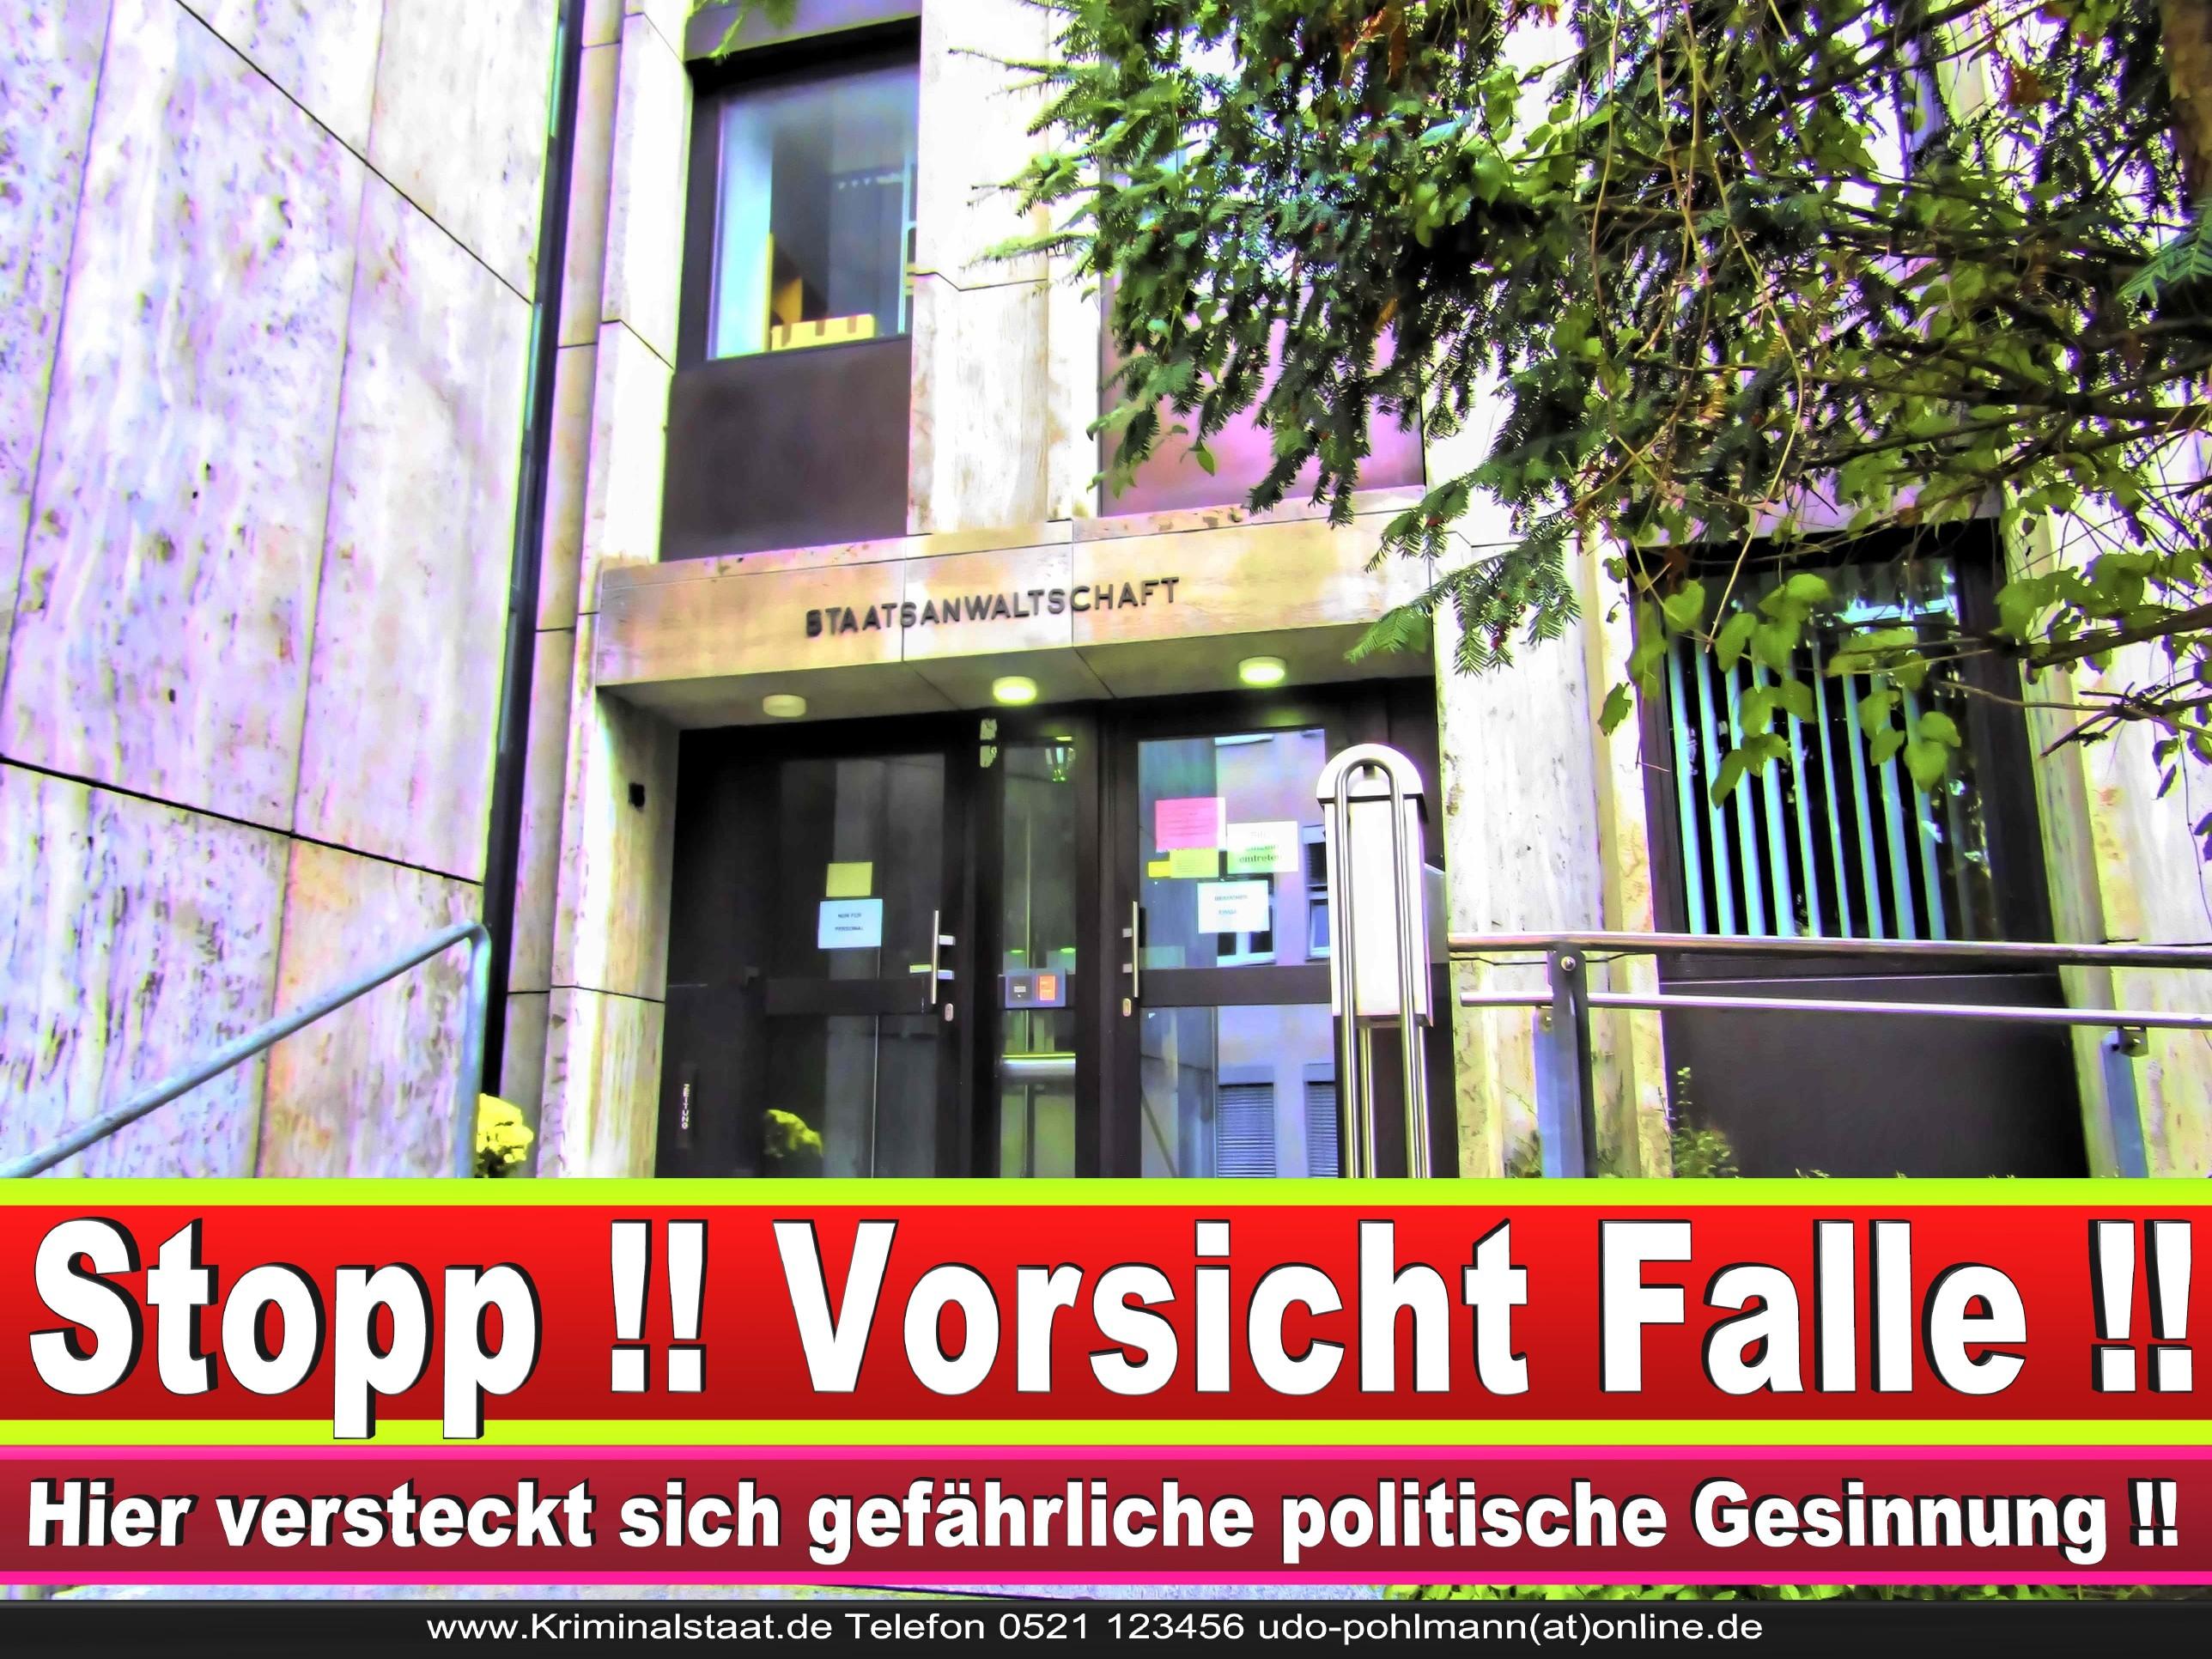 Amtsgericht Landgericht Staatsanwaltschaft Bielefeld Behörden NRW Arbeitsgericht Sozialgericht Verwaltungsgericht 6